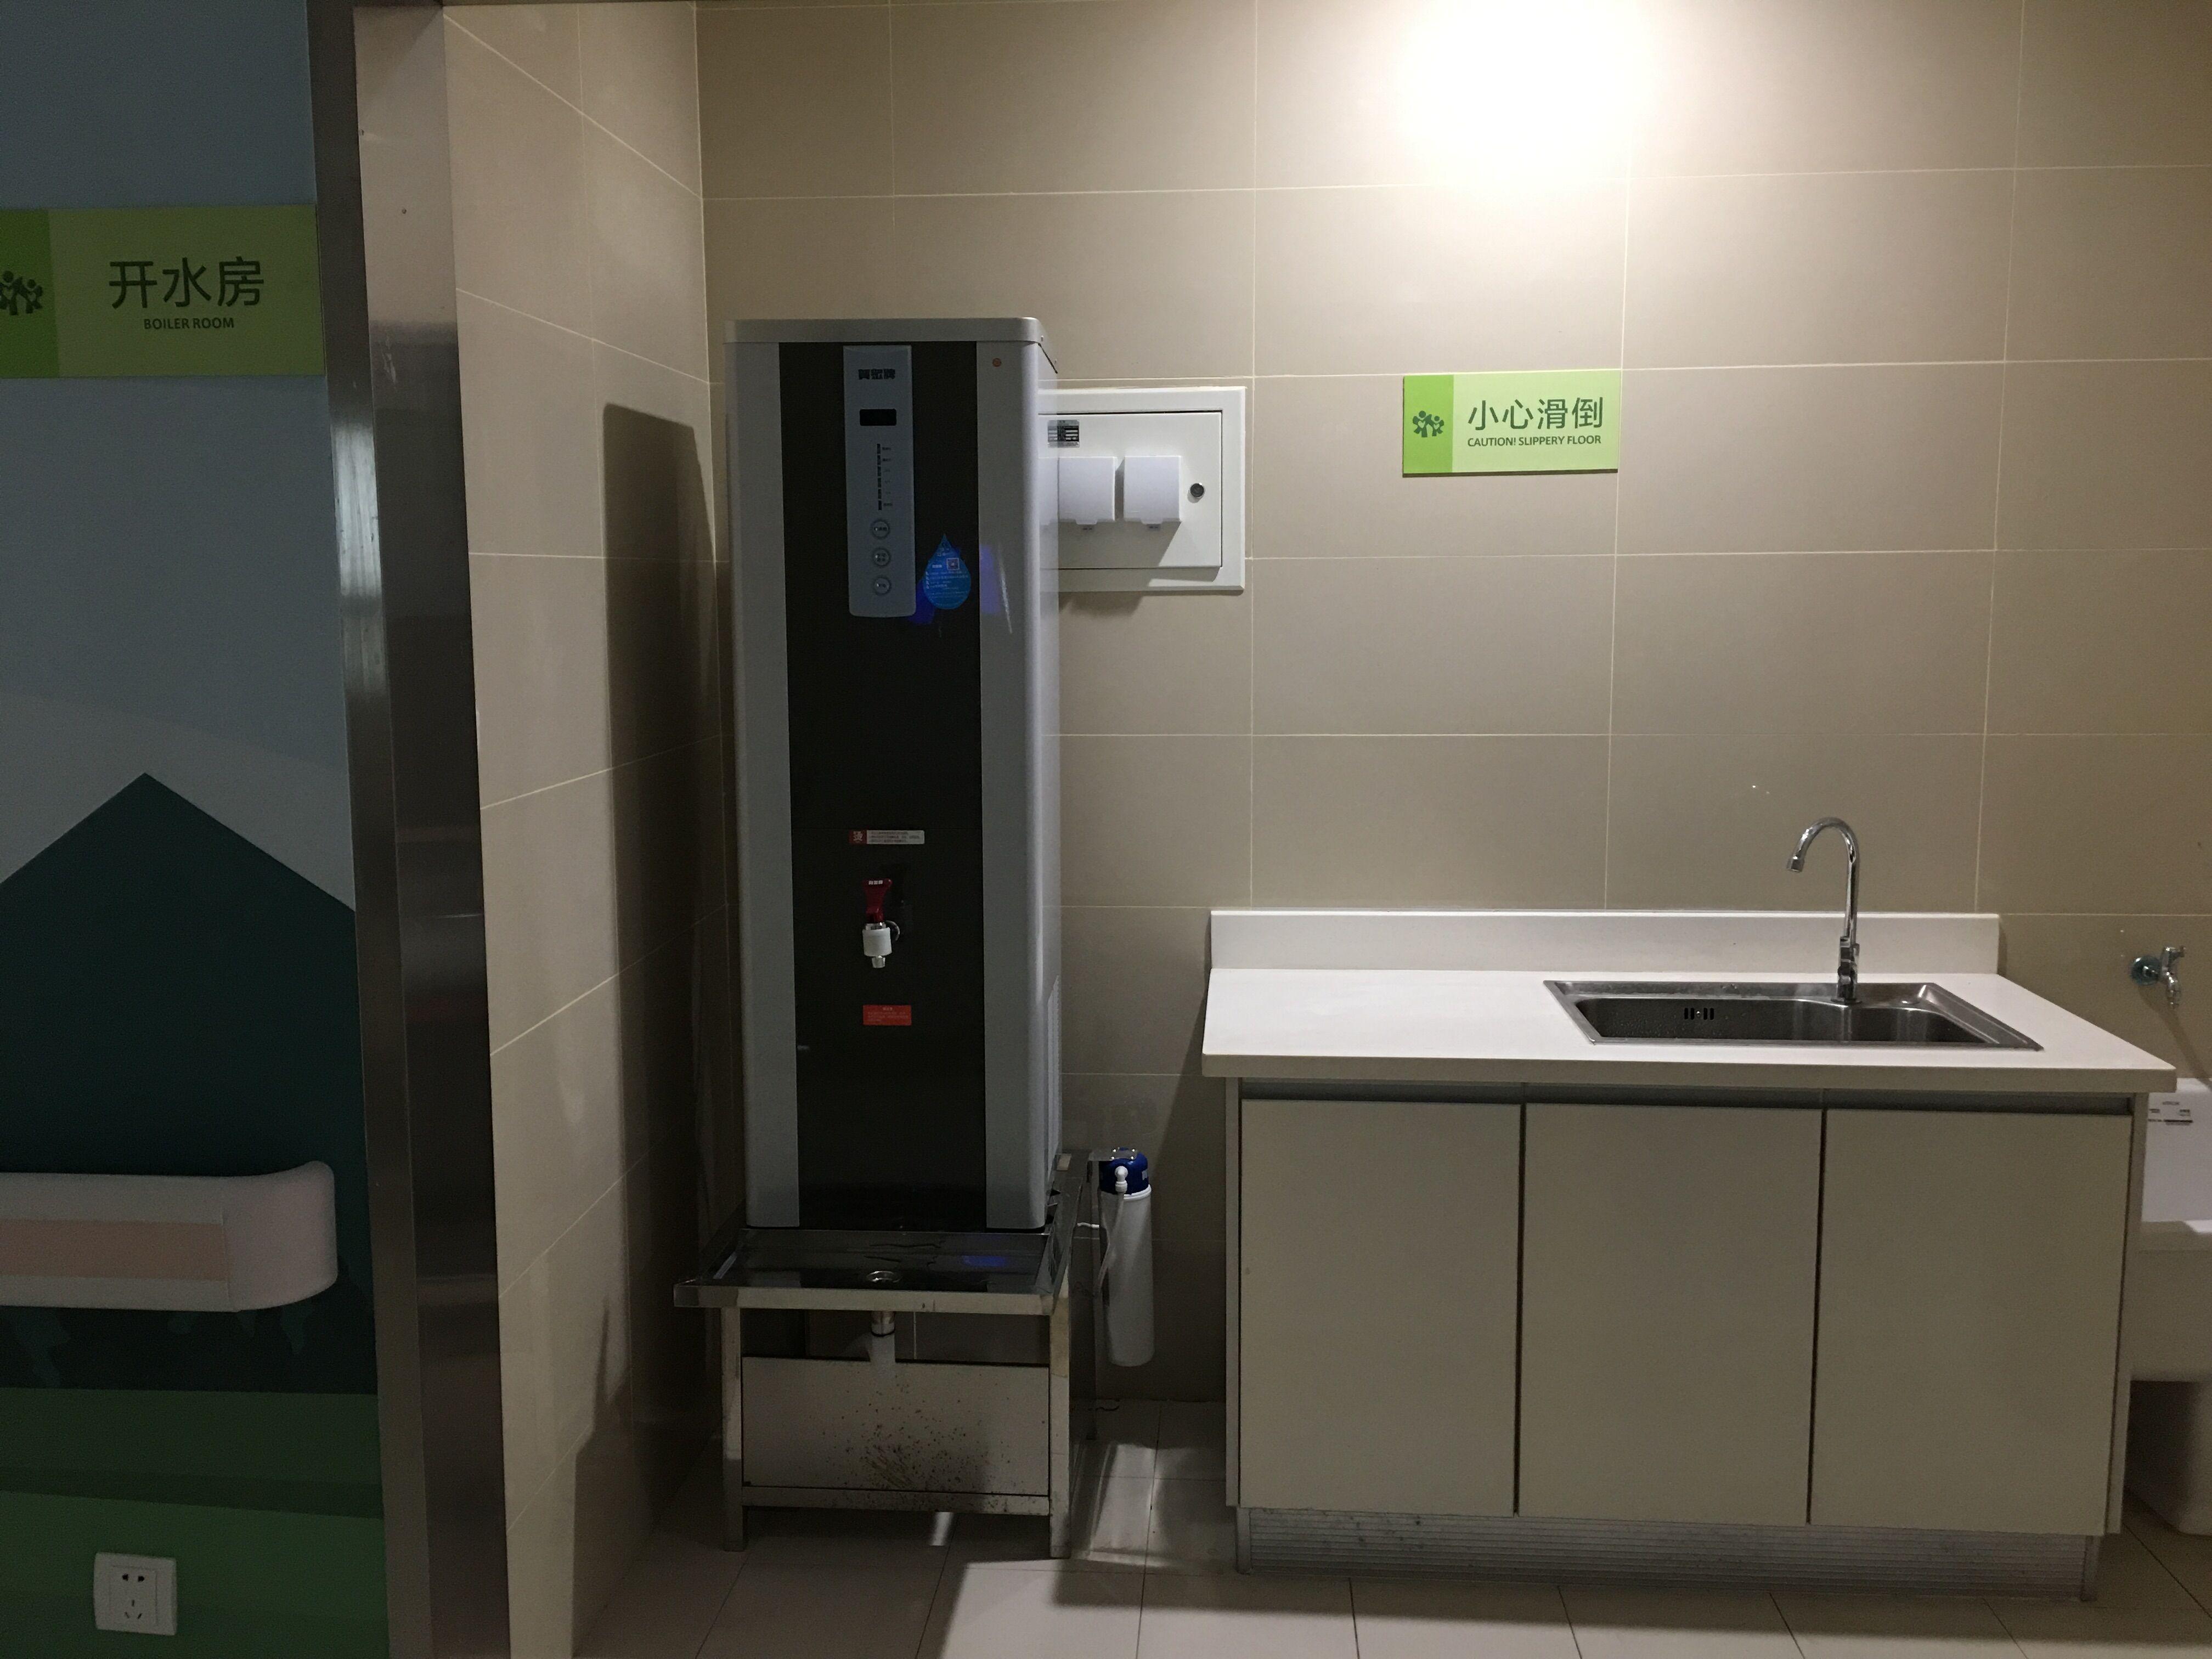 必威登录_betway必威app牌直饮机开水器入驻华西第二医院锦江院区